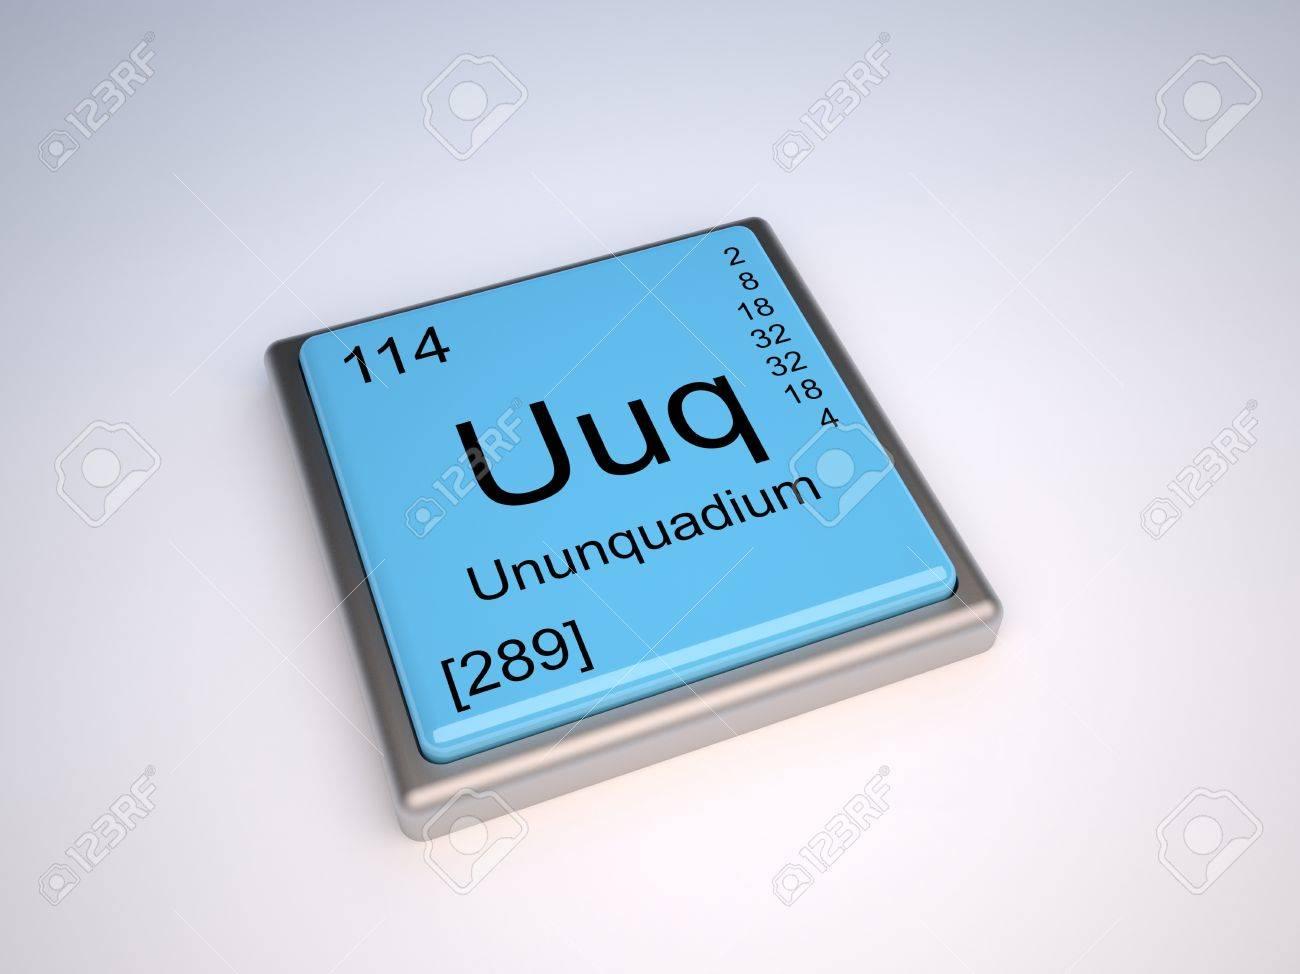 stock photo ununquadium chemical element of the periodic table with symbol uuq - Periodic Table Symbol Ununquadium